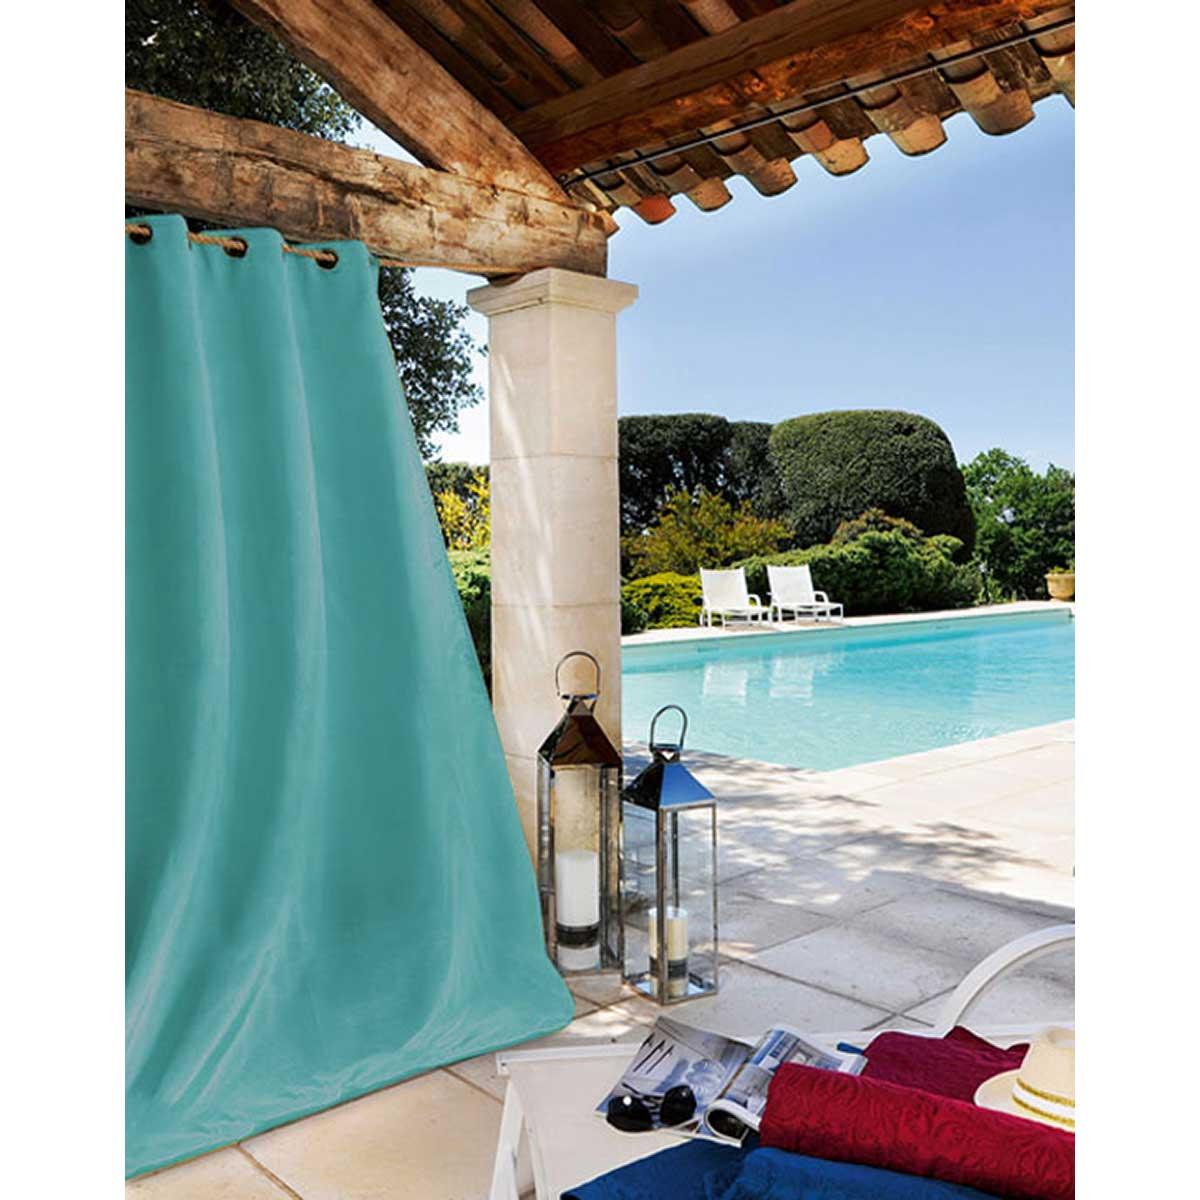 Rideau extérieur tissu outdoor toile bleu ciel 240x135